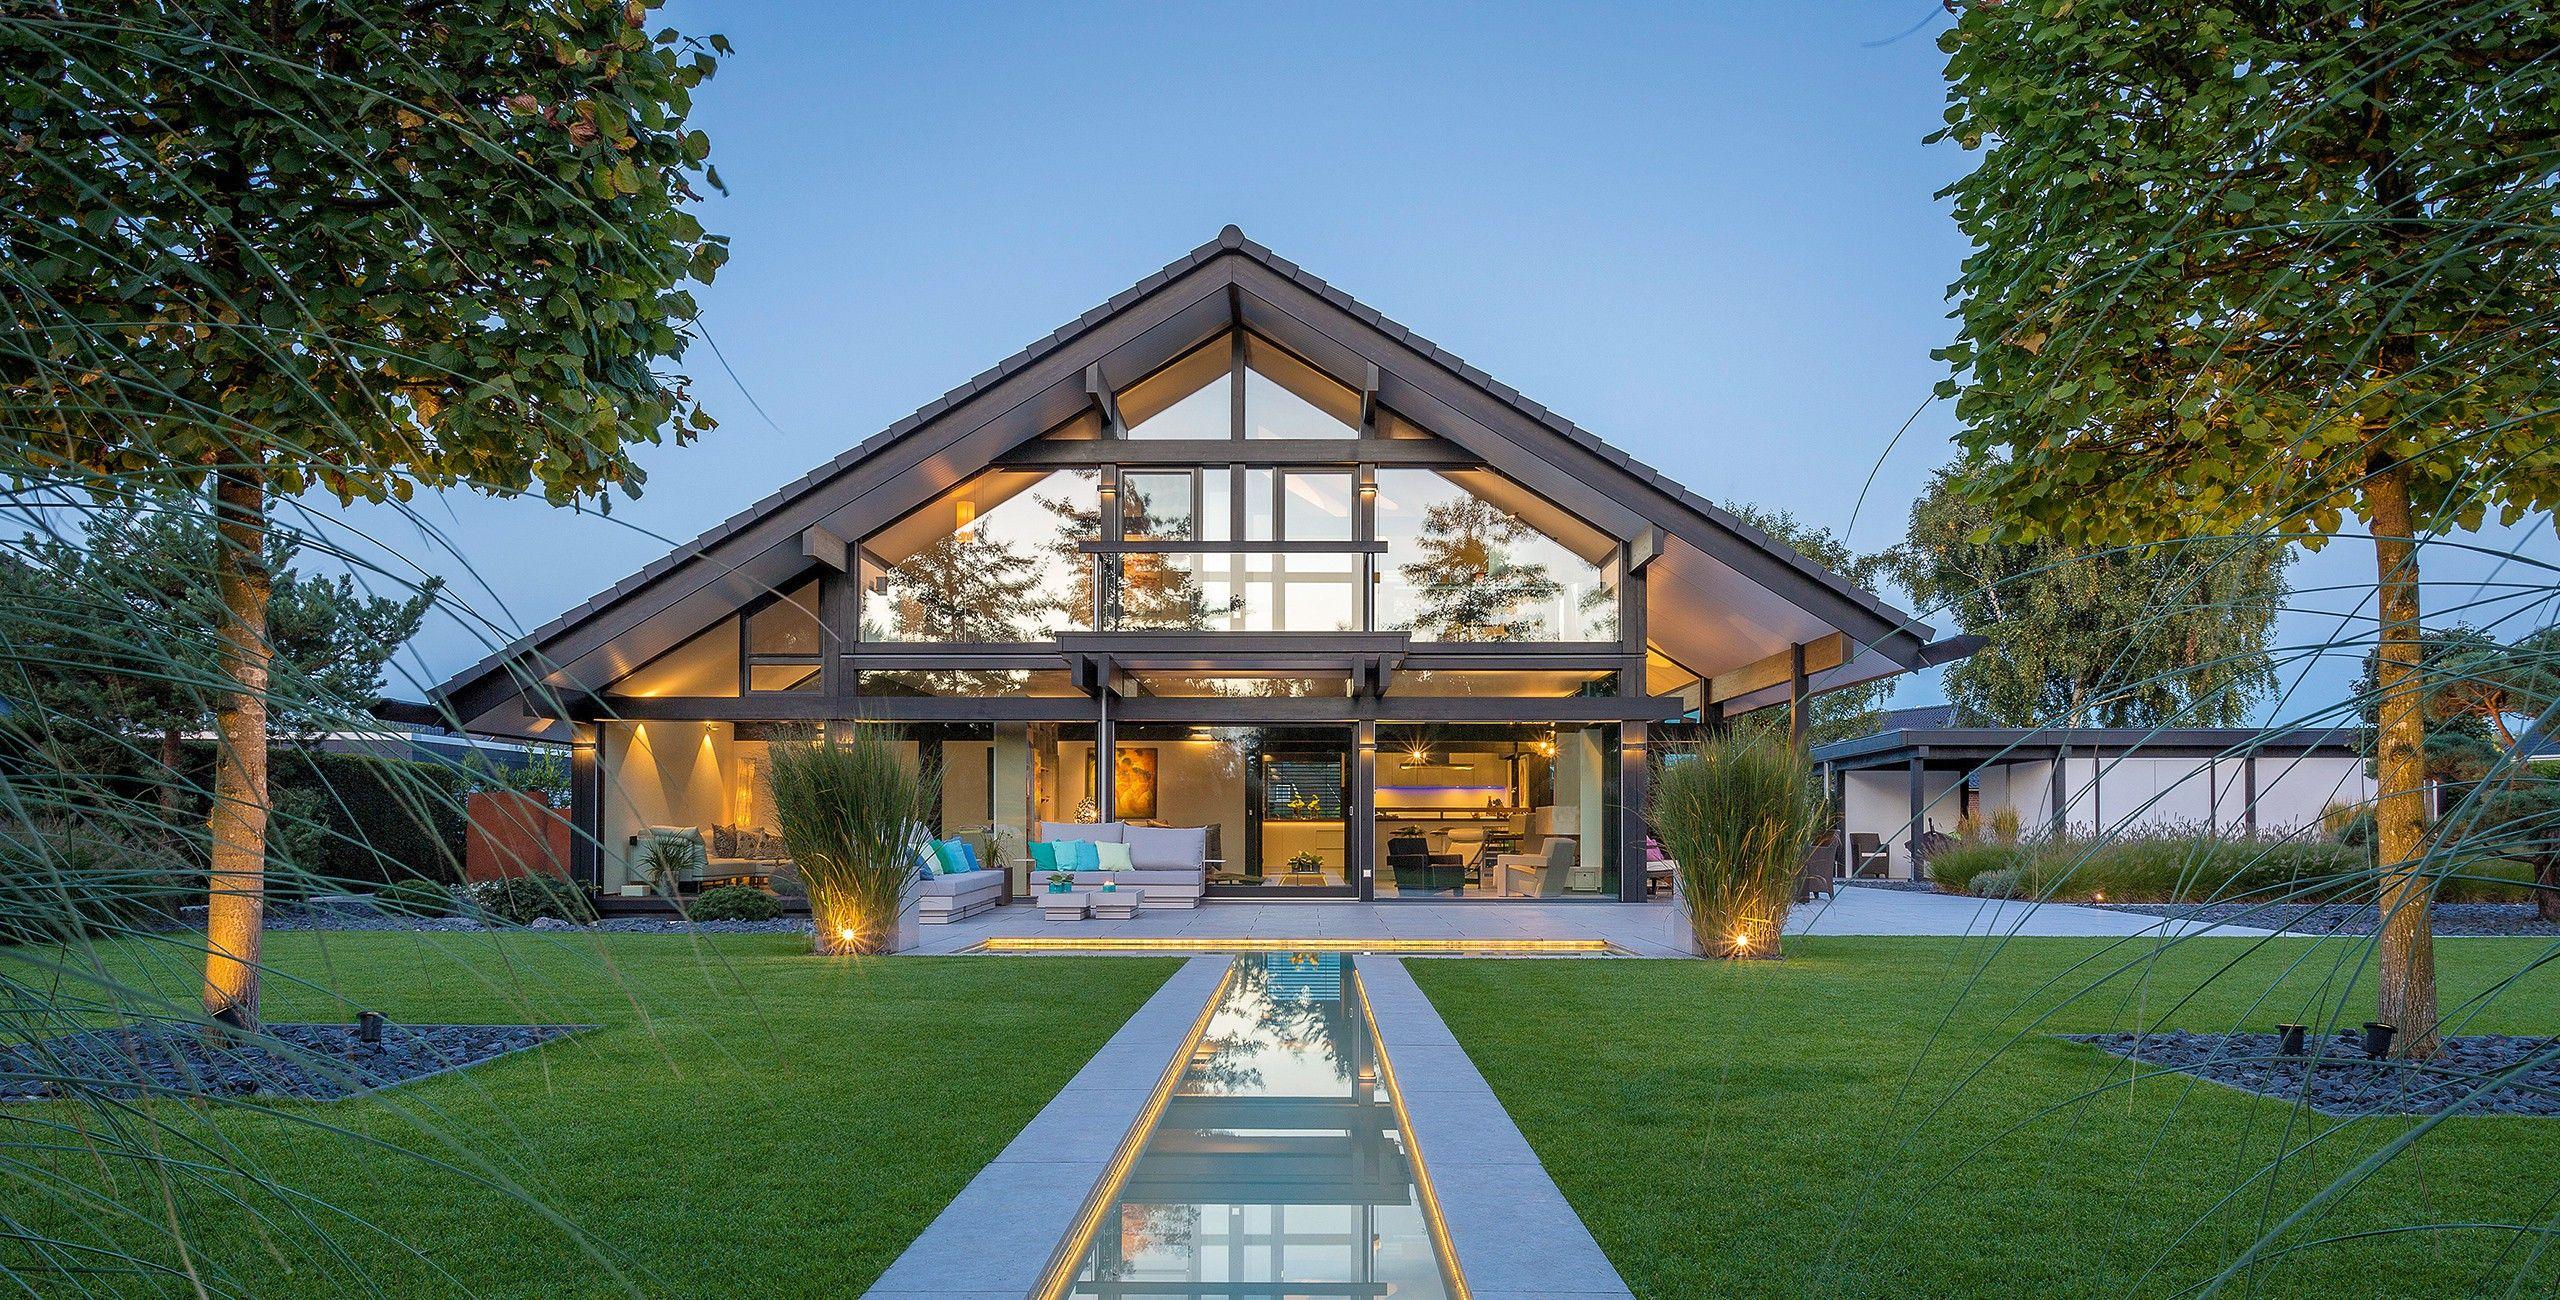 Moderne Fachwerkhäuser aus Holz und Glas Das Original